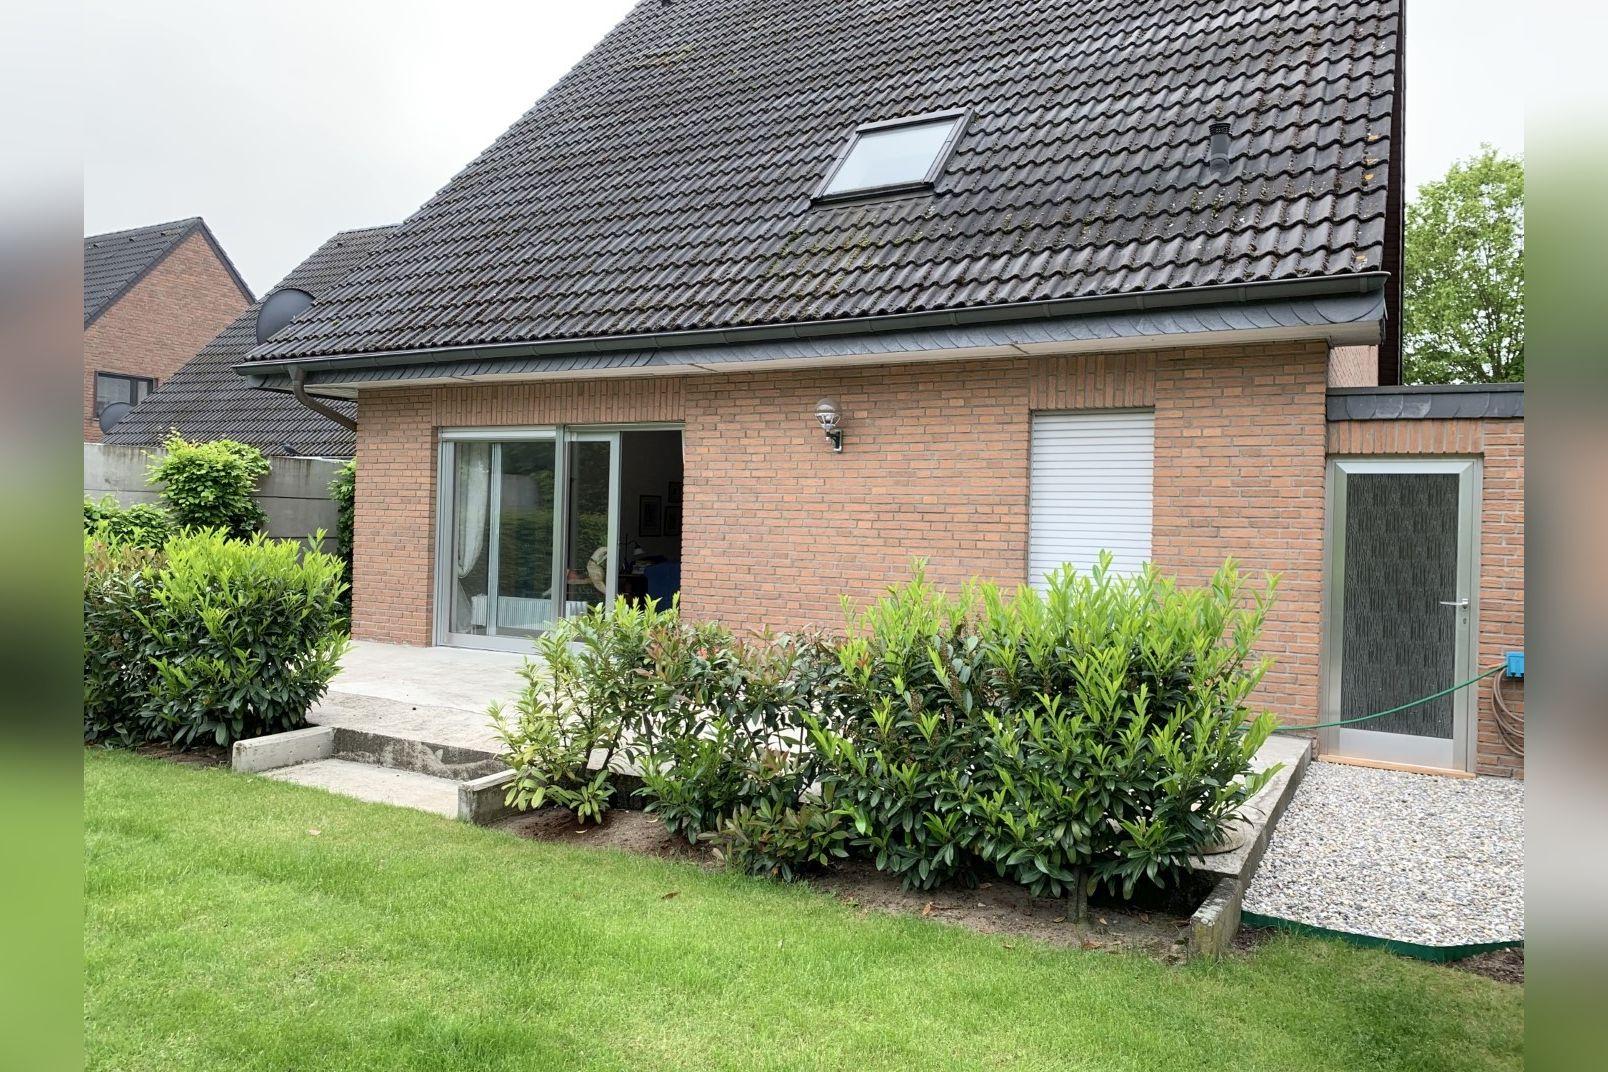 Immobilie Nr.0260 - Einfamilienhaus, zum 2-FH erweiterbar. Spitzboden als zusätzl. Ausbaureserve - Bild 4.jpg